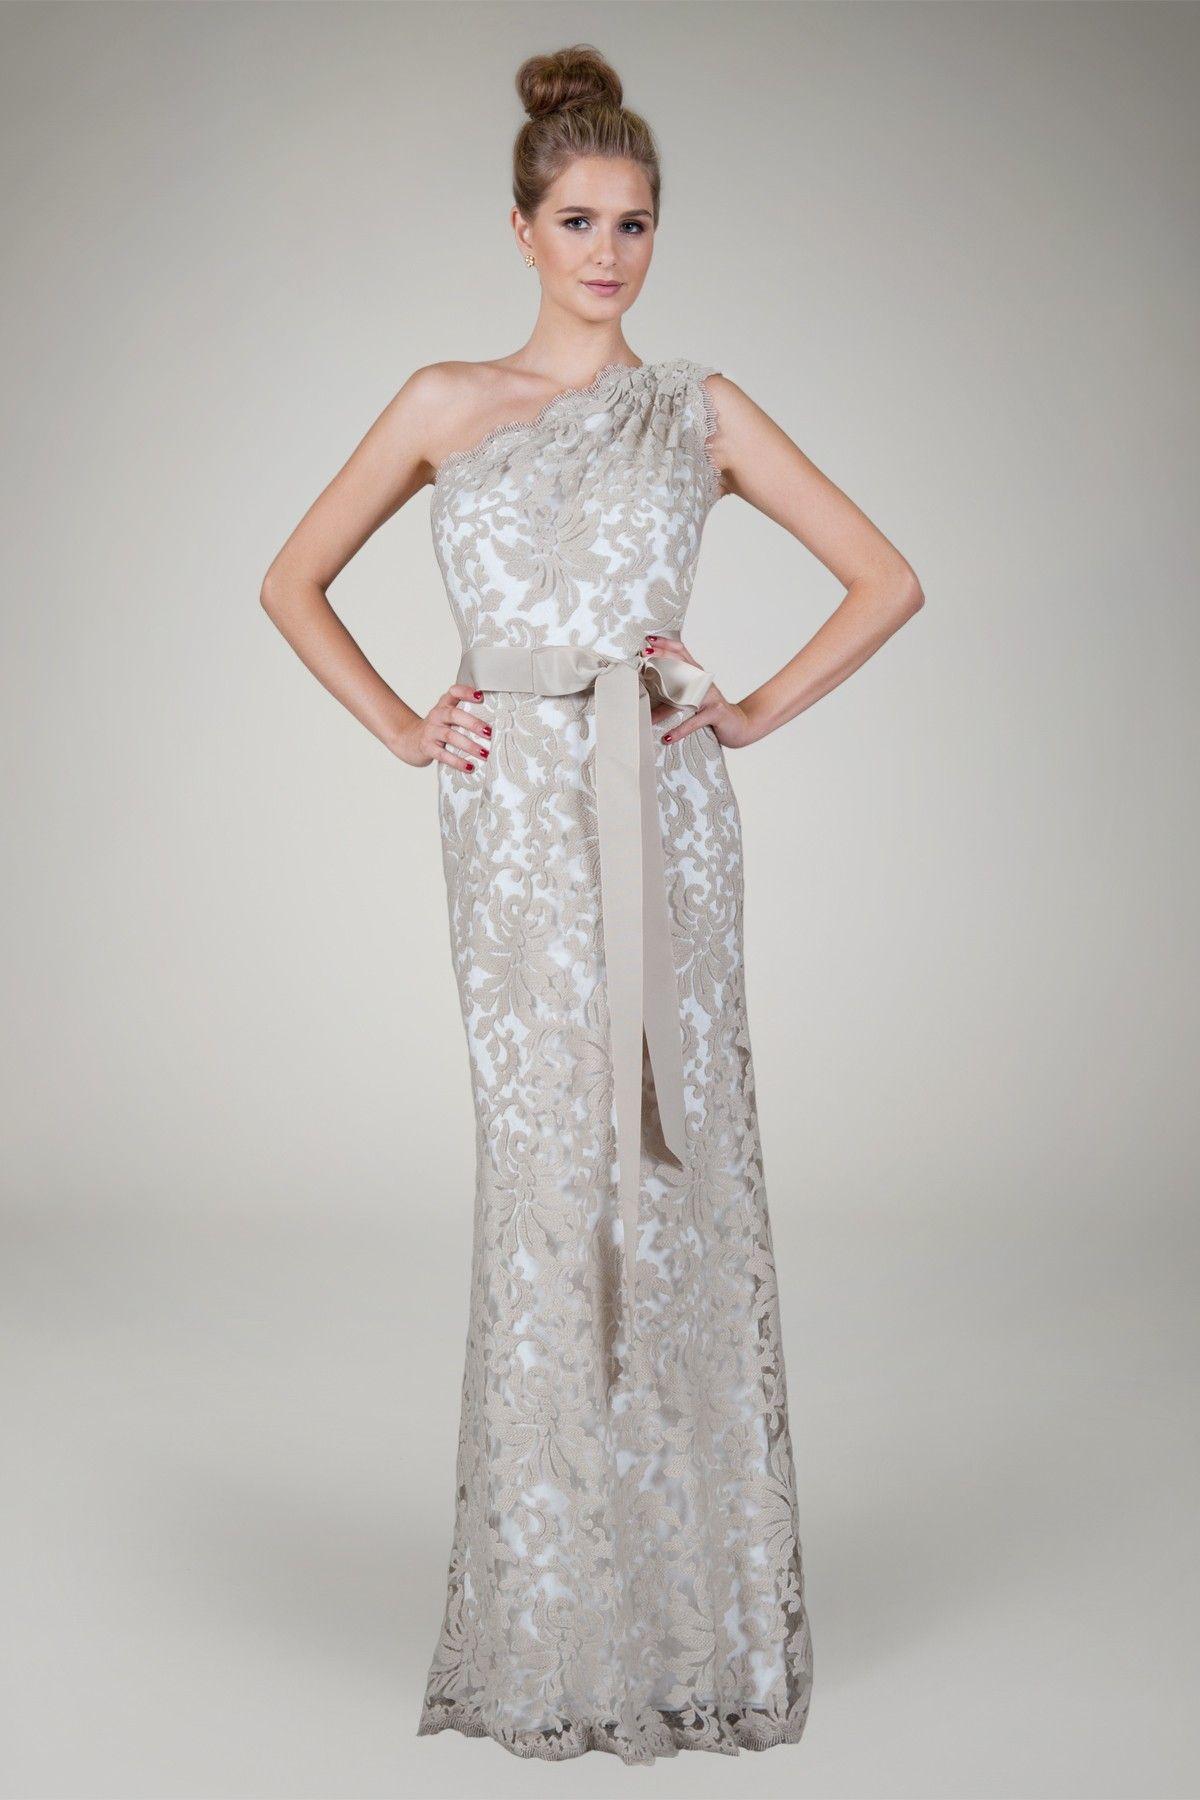 Gemütlich Brisbane Brautjunferkleider Fotos - Brautkleider Ideen ...